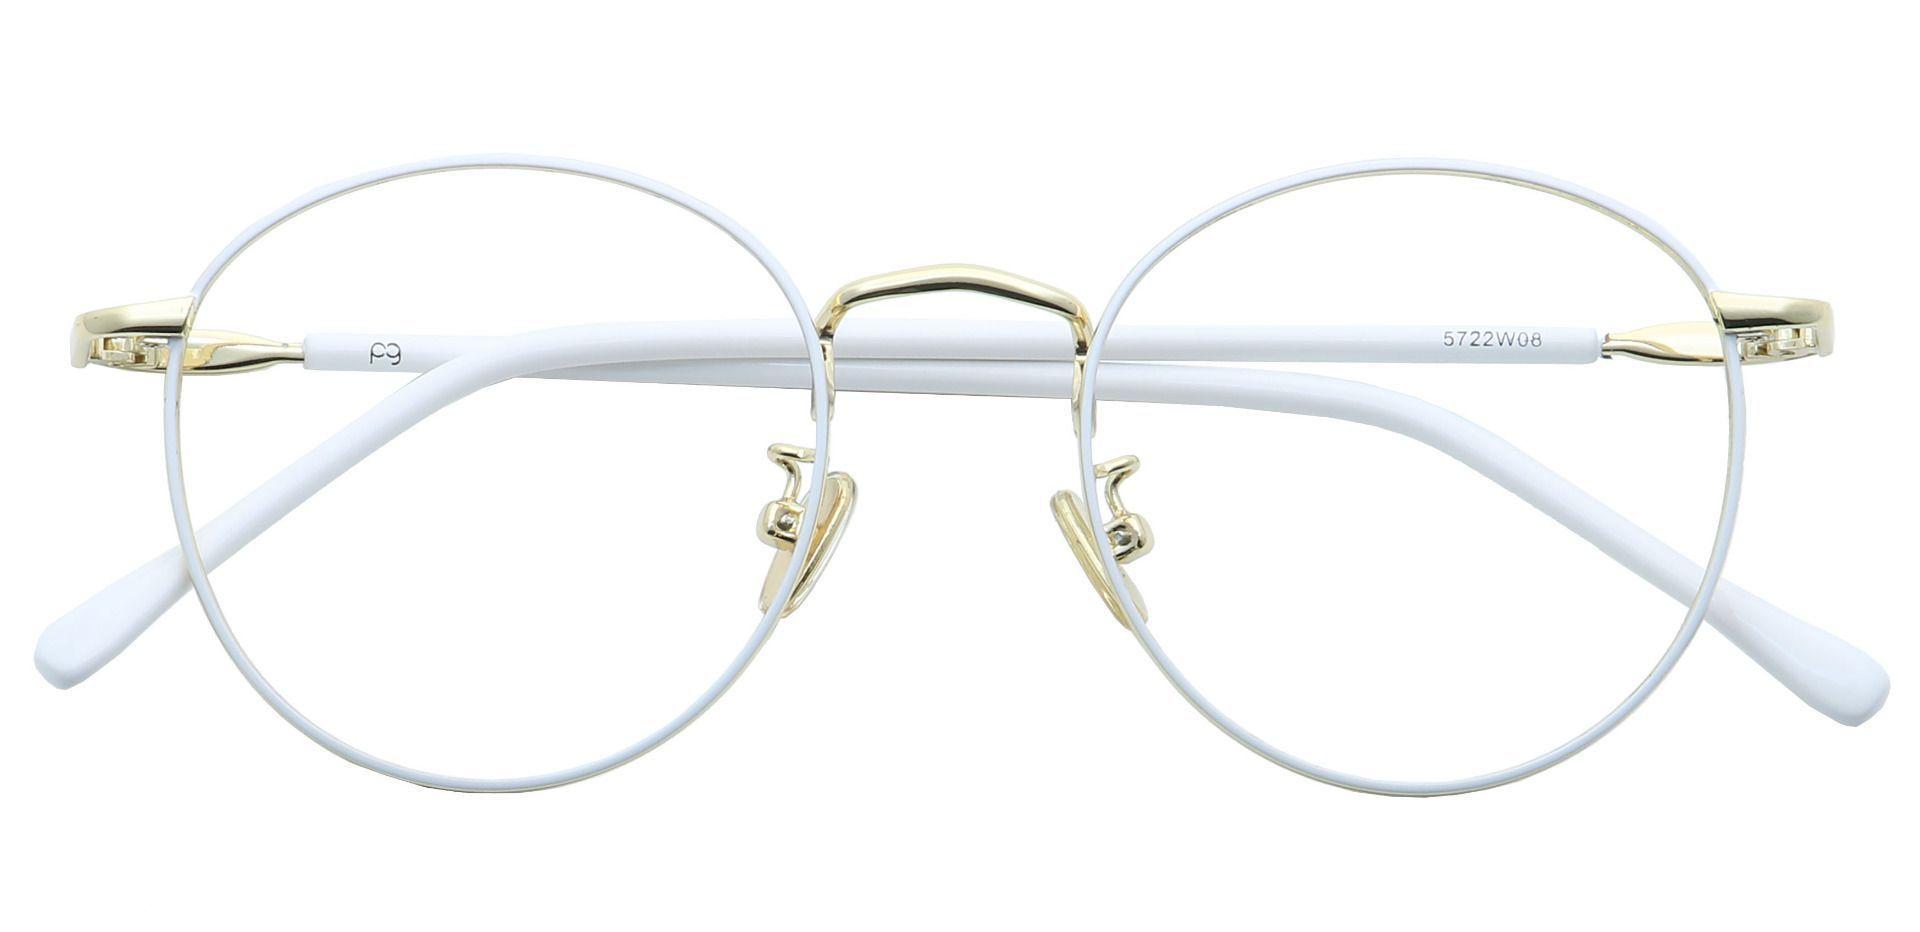 Metro Round Reading Glasses - White